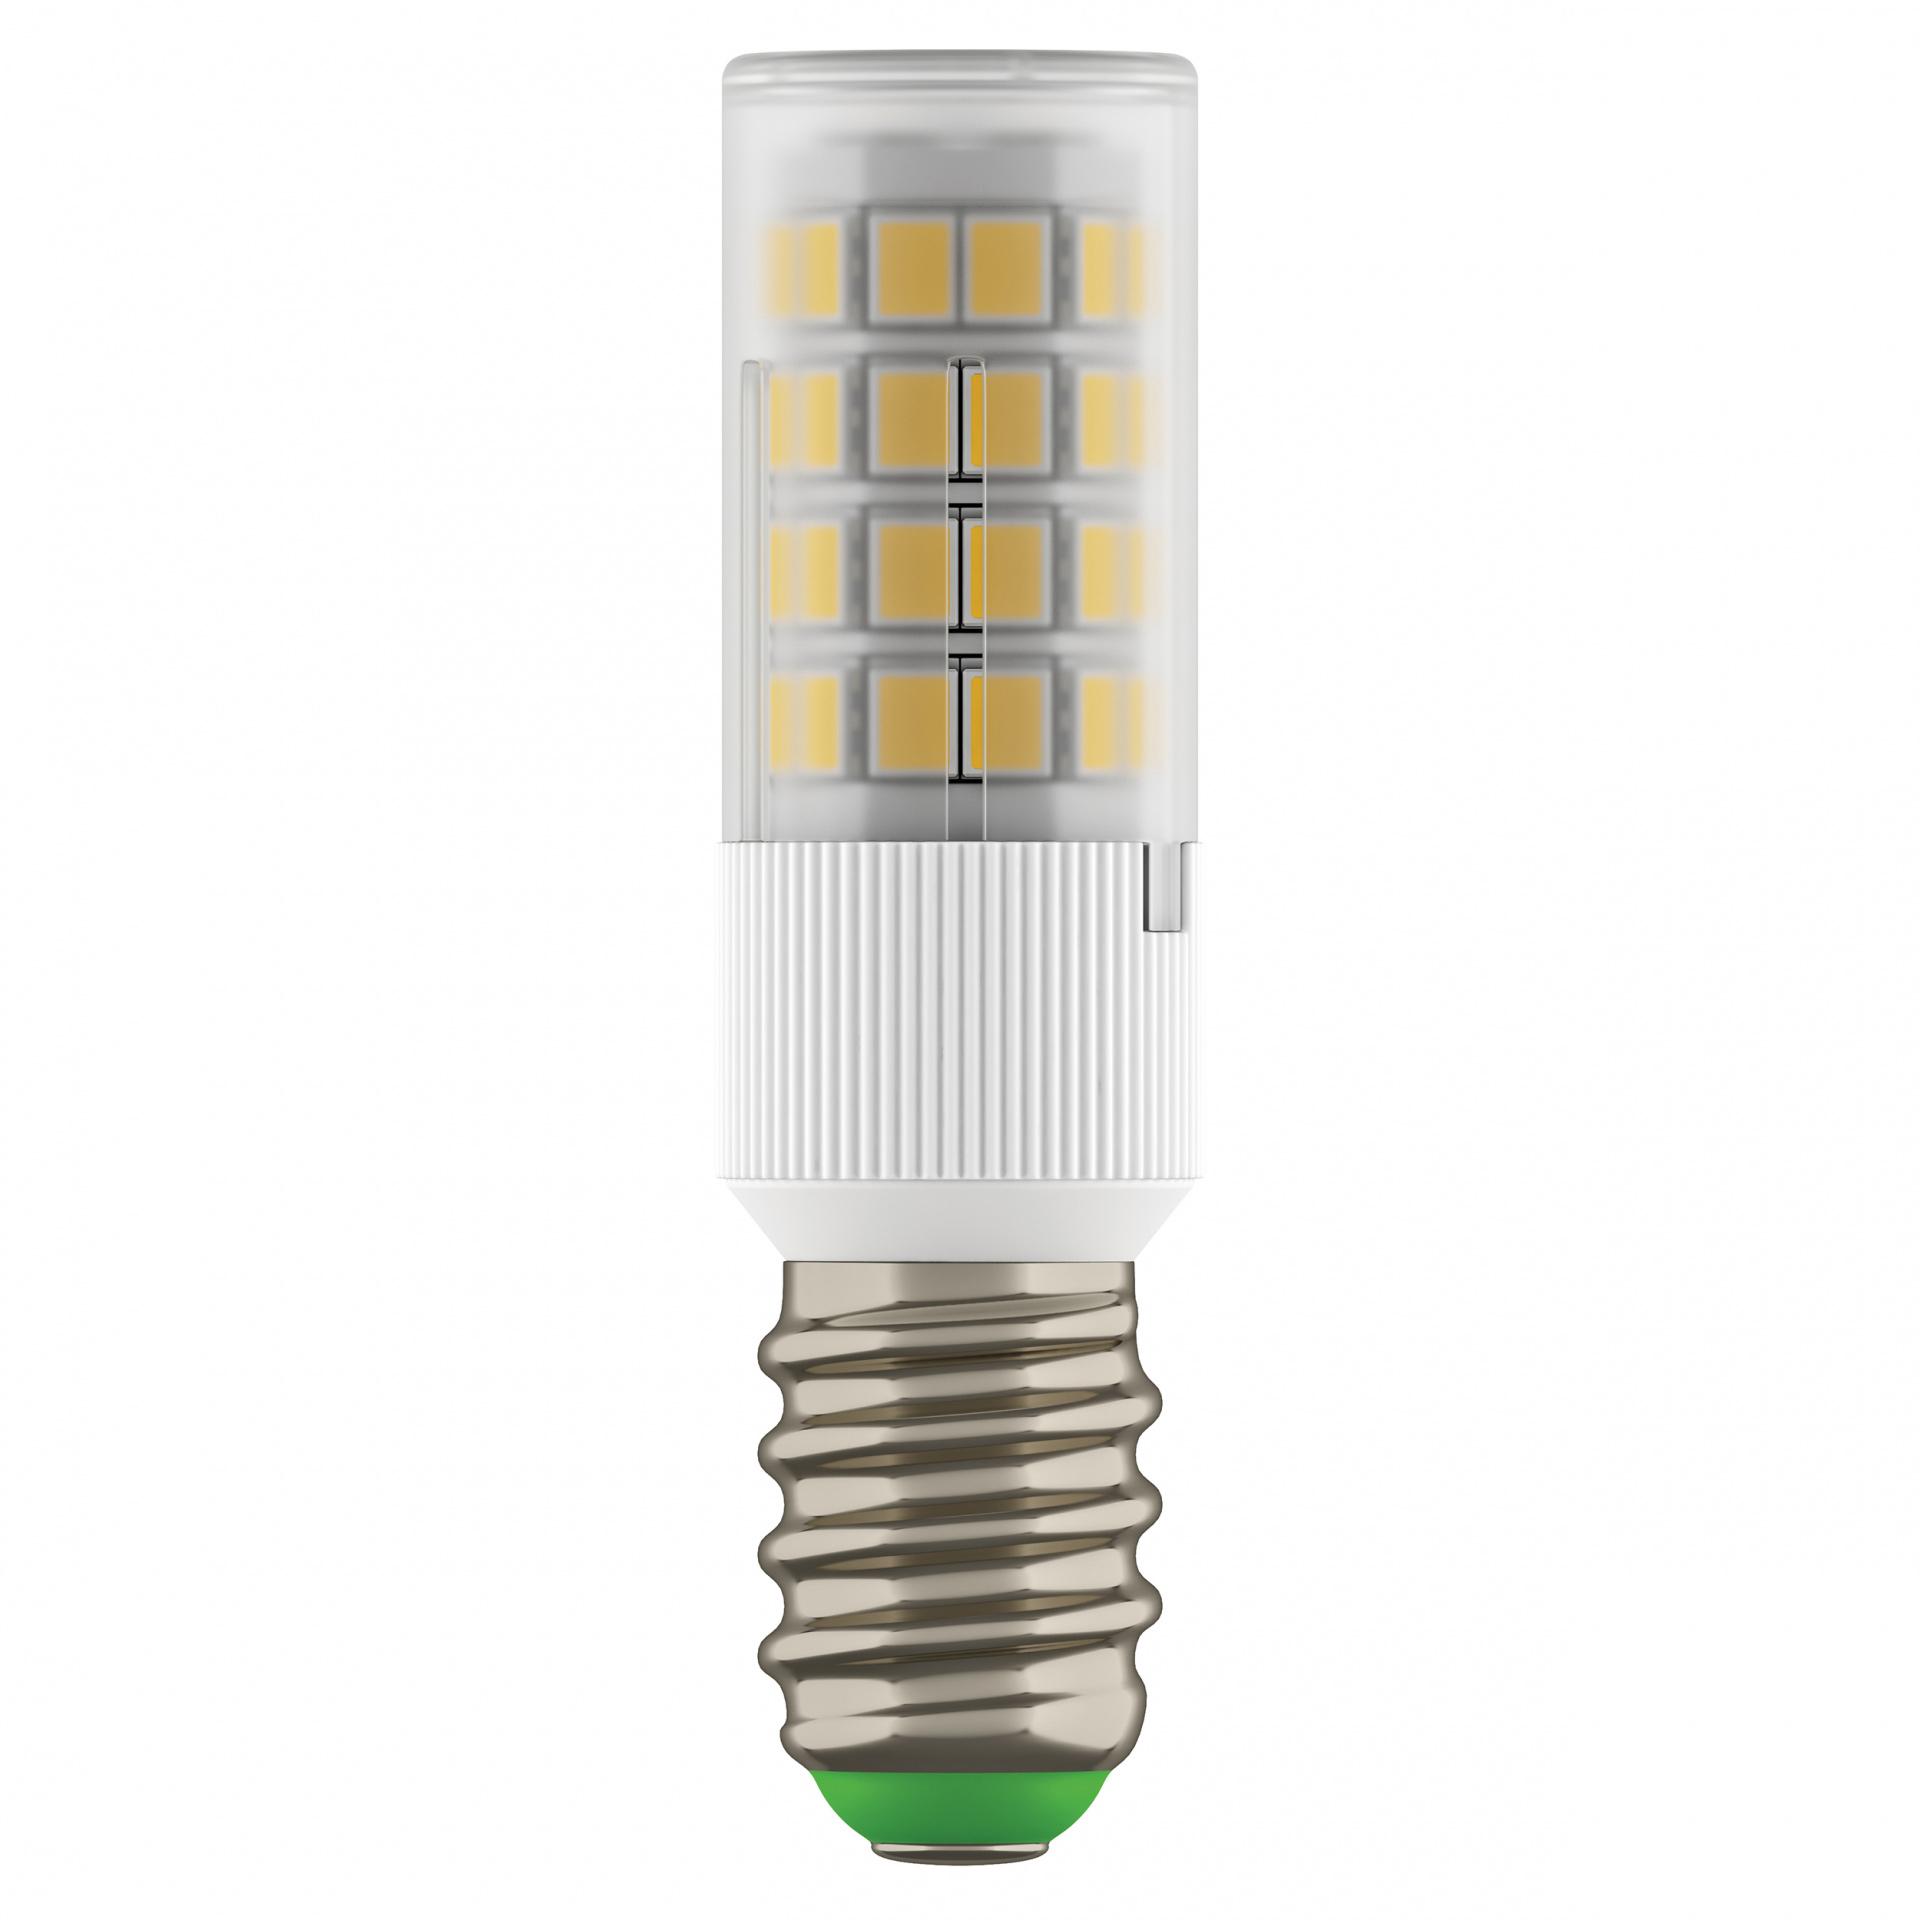 Лампа LED 220V E14 6W=60W 492LM 360G FR 4000K Lightstar 940364, купить в СПб, Москве, с доставкой, Санкт-Петербург, интернет-магазин люстр и светильников Starlight, фото в жизни